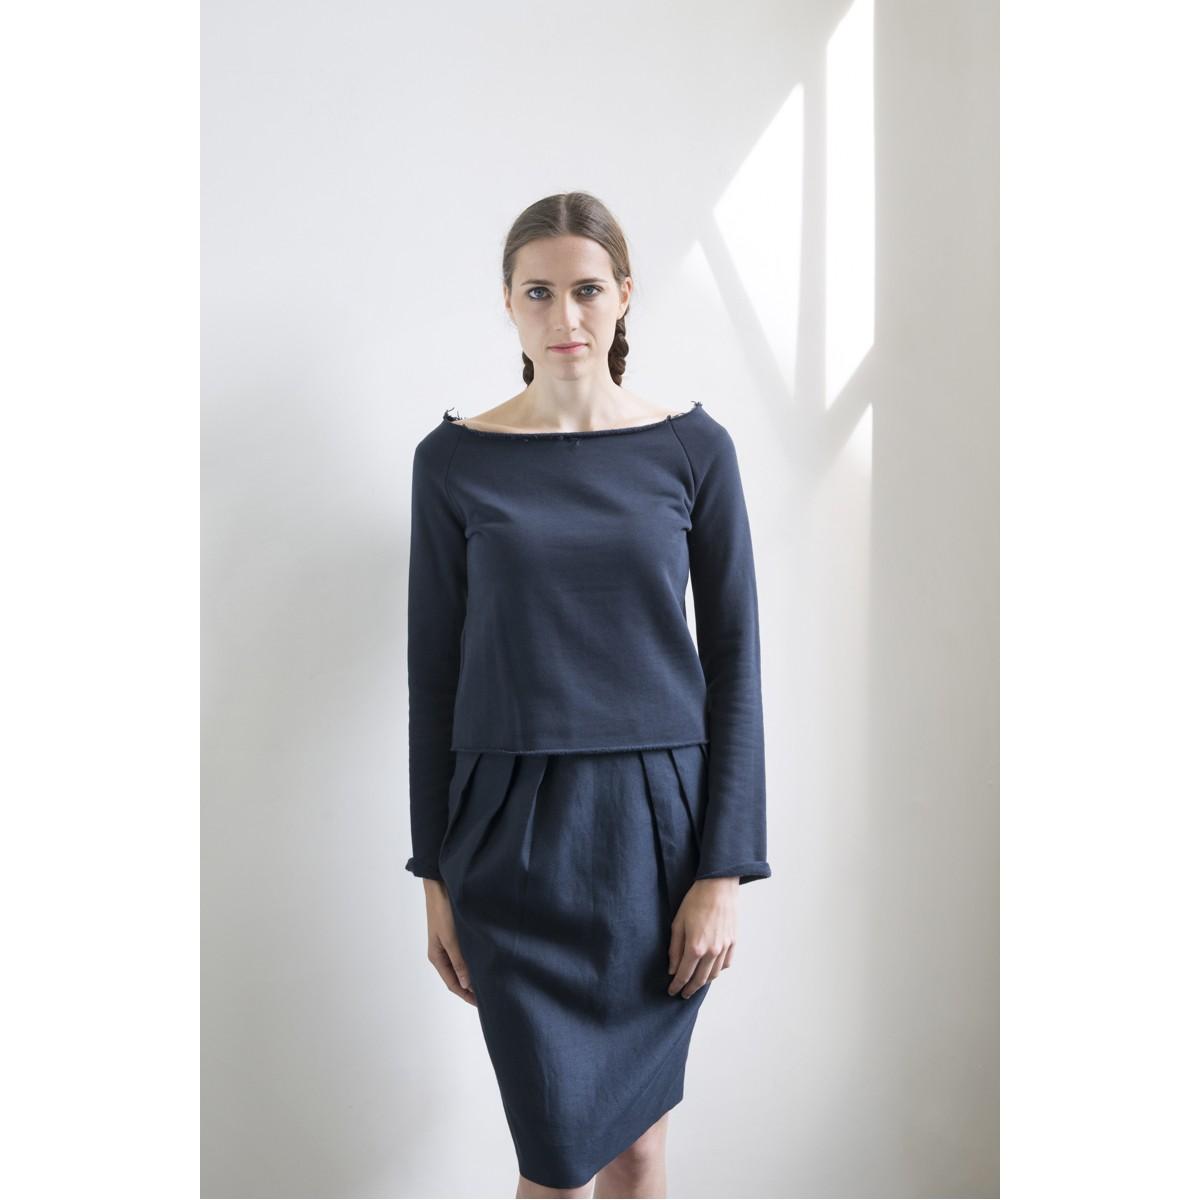 RiannedeWitte | Ynu sweater from Rianne de Witte